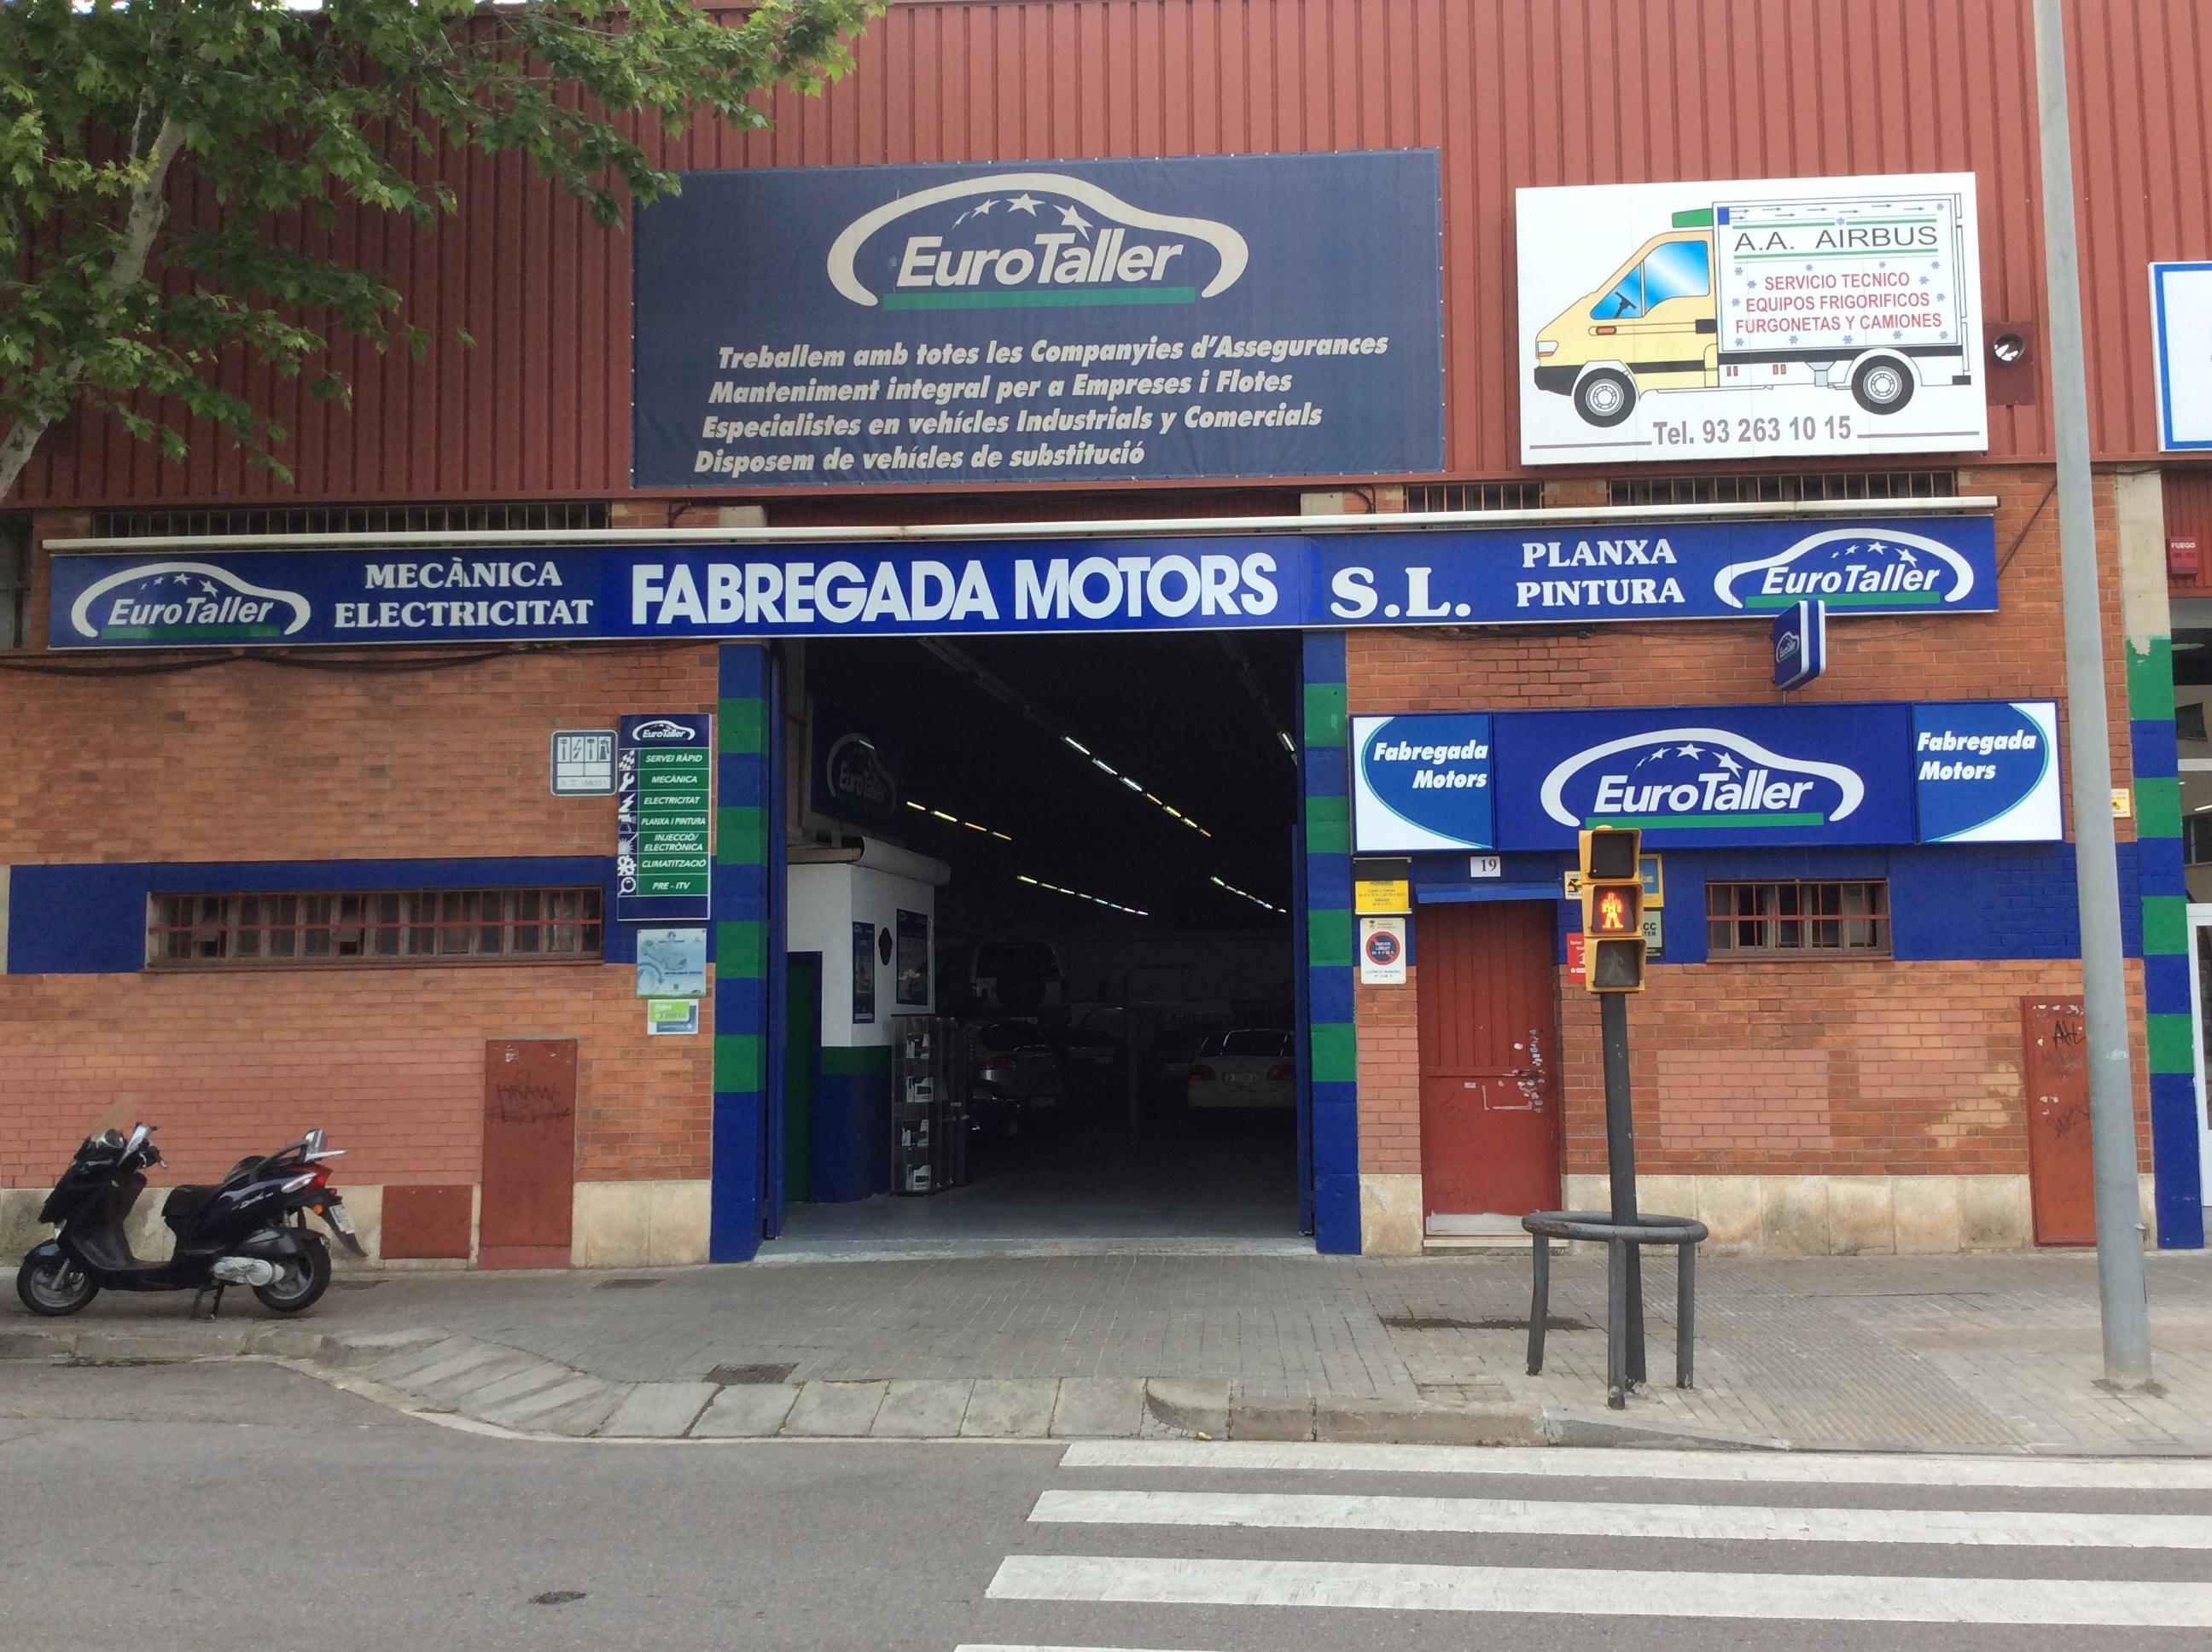 FABREGADA MOTORS